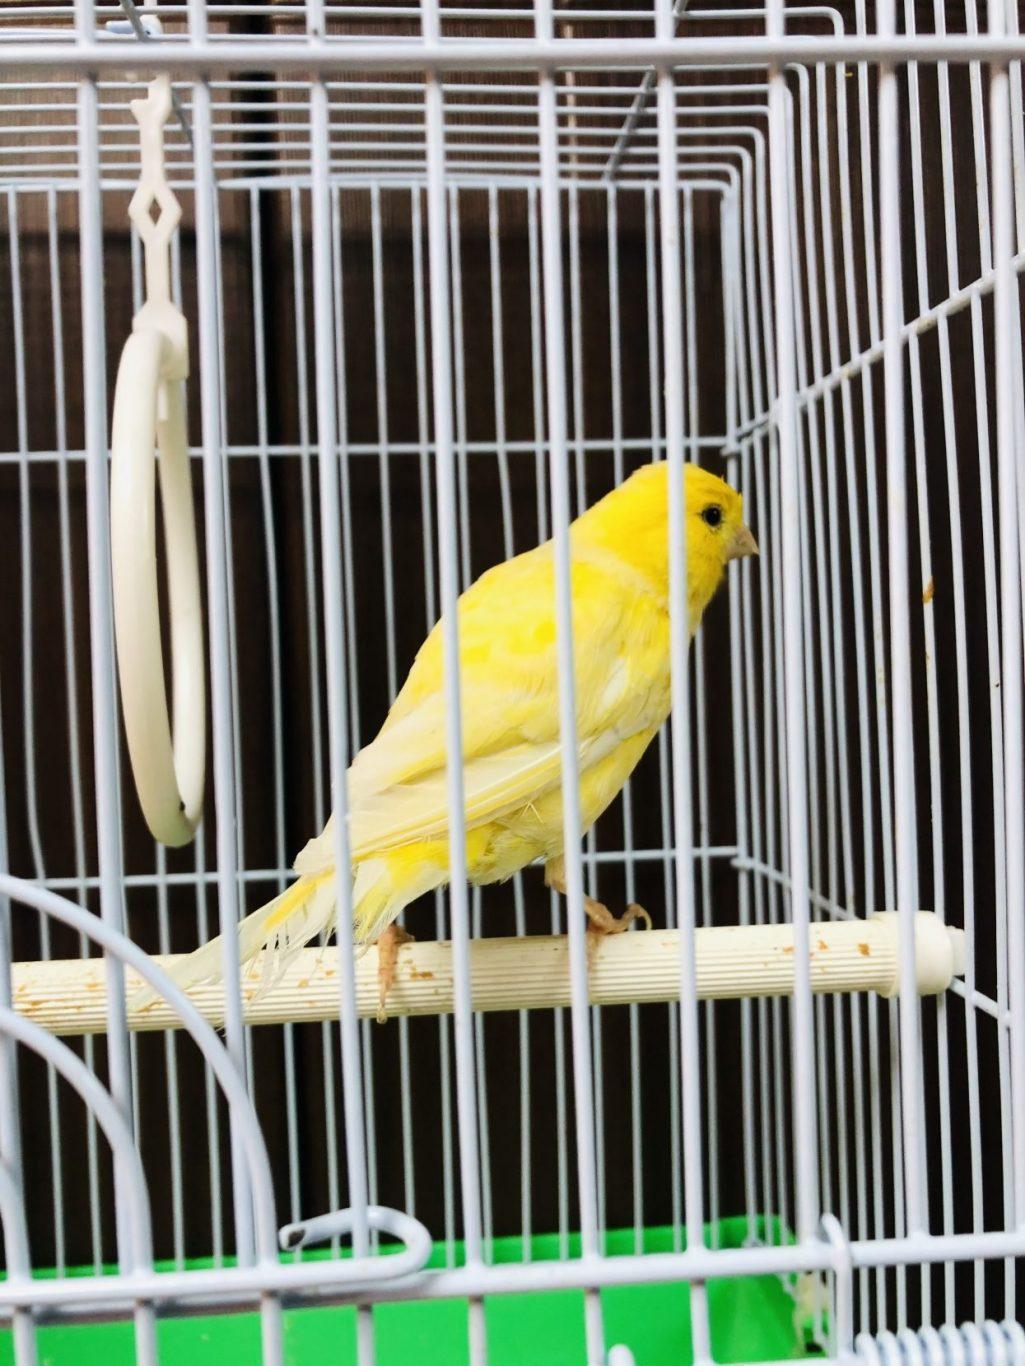 Canari bird